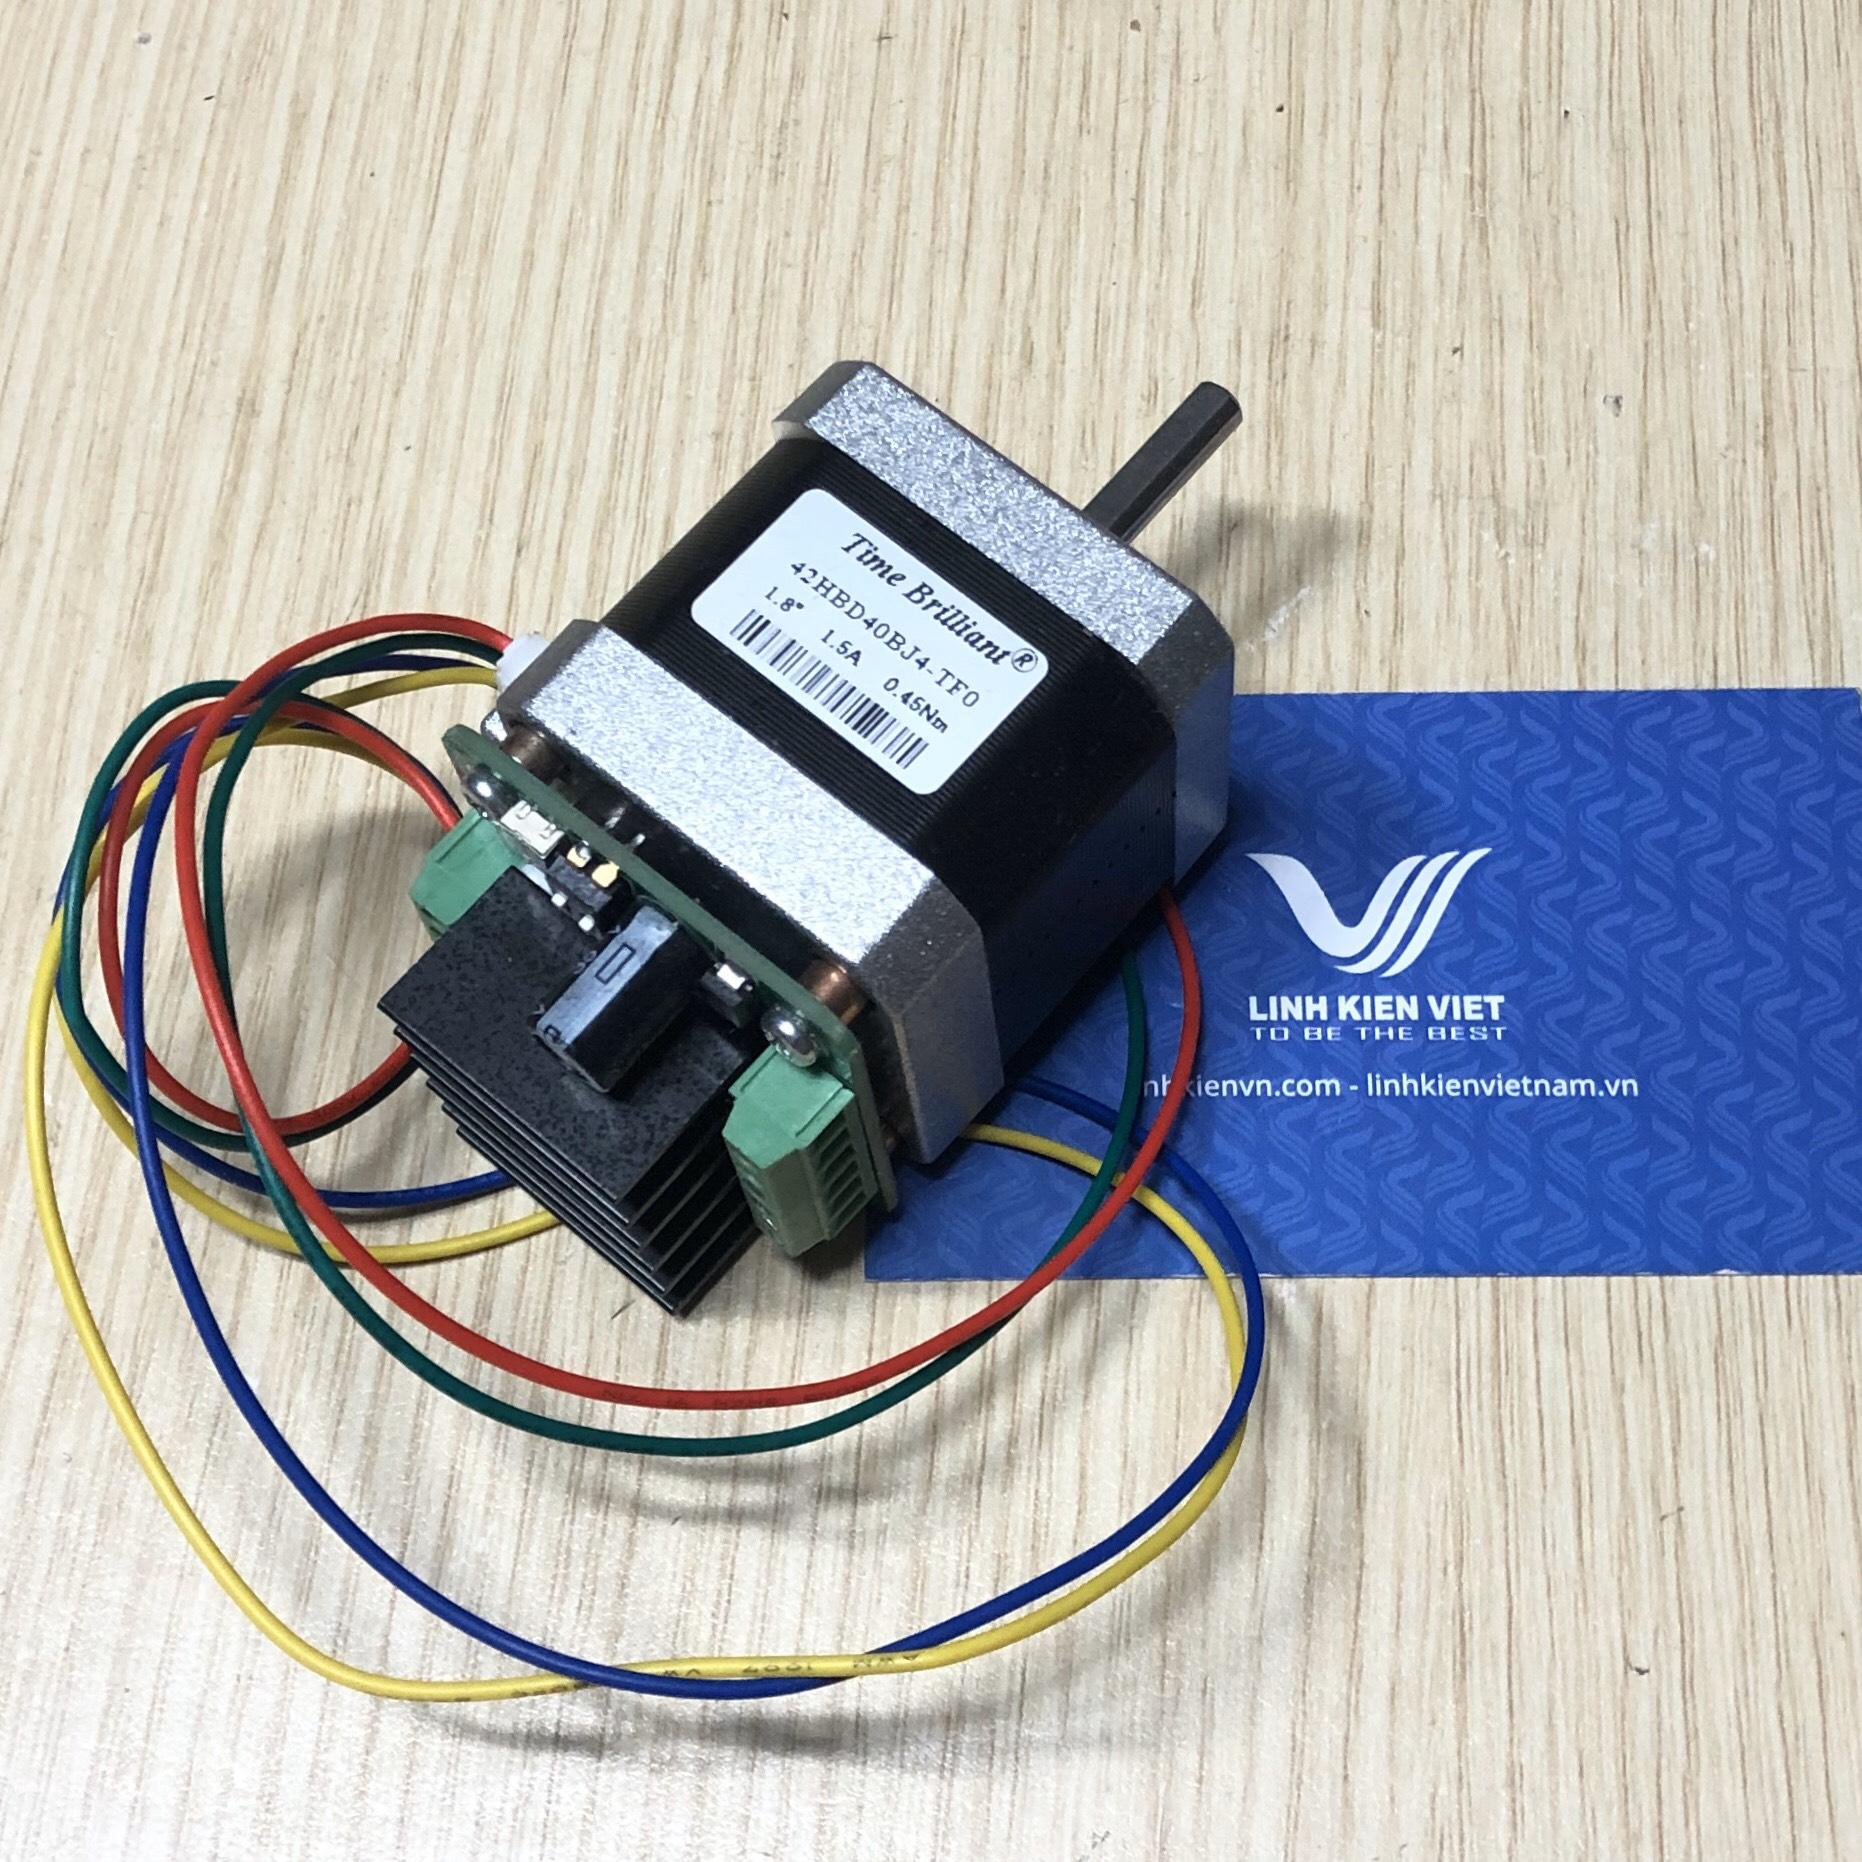 Động cơ bước 42HBD40BJ4 1.5A 0.45NM kèm driver điều khiển